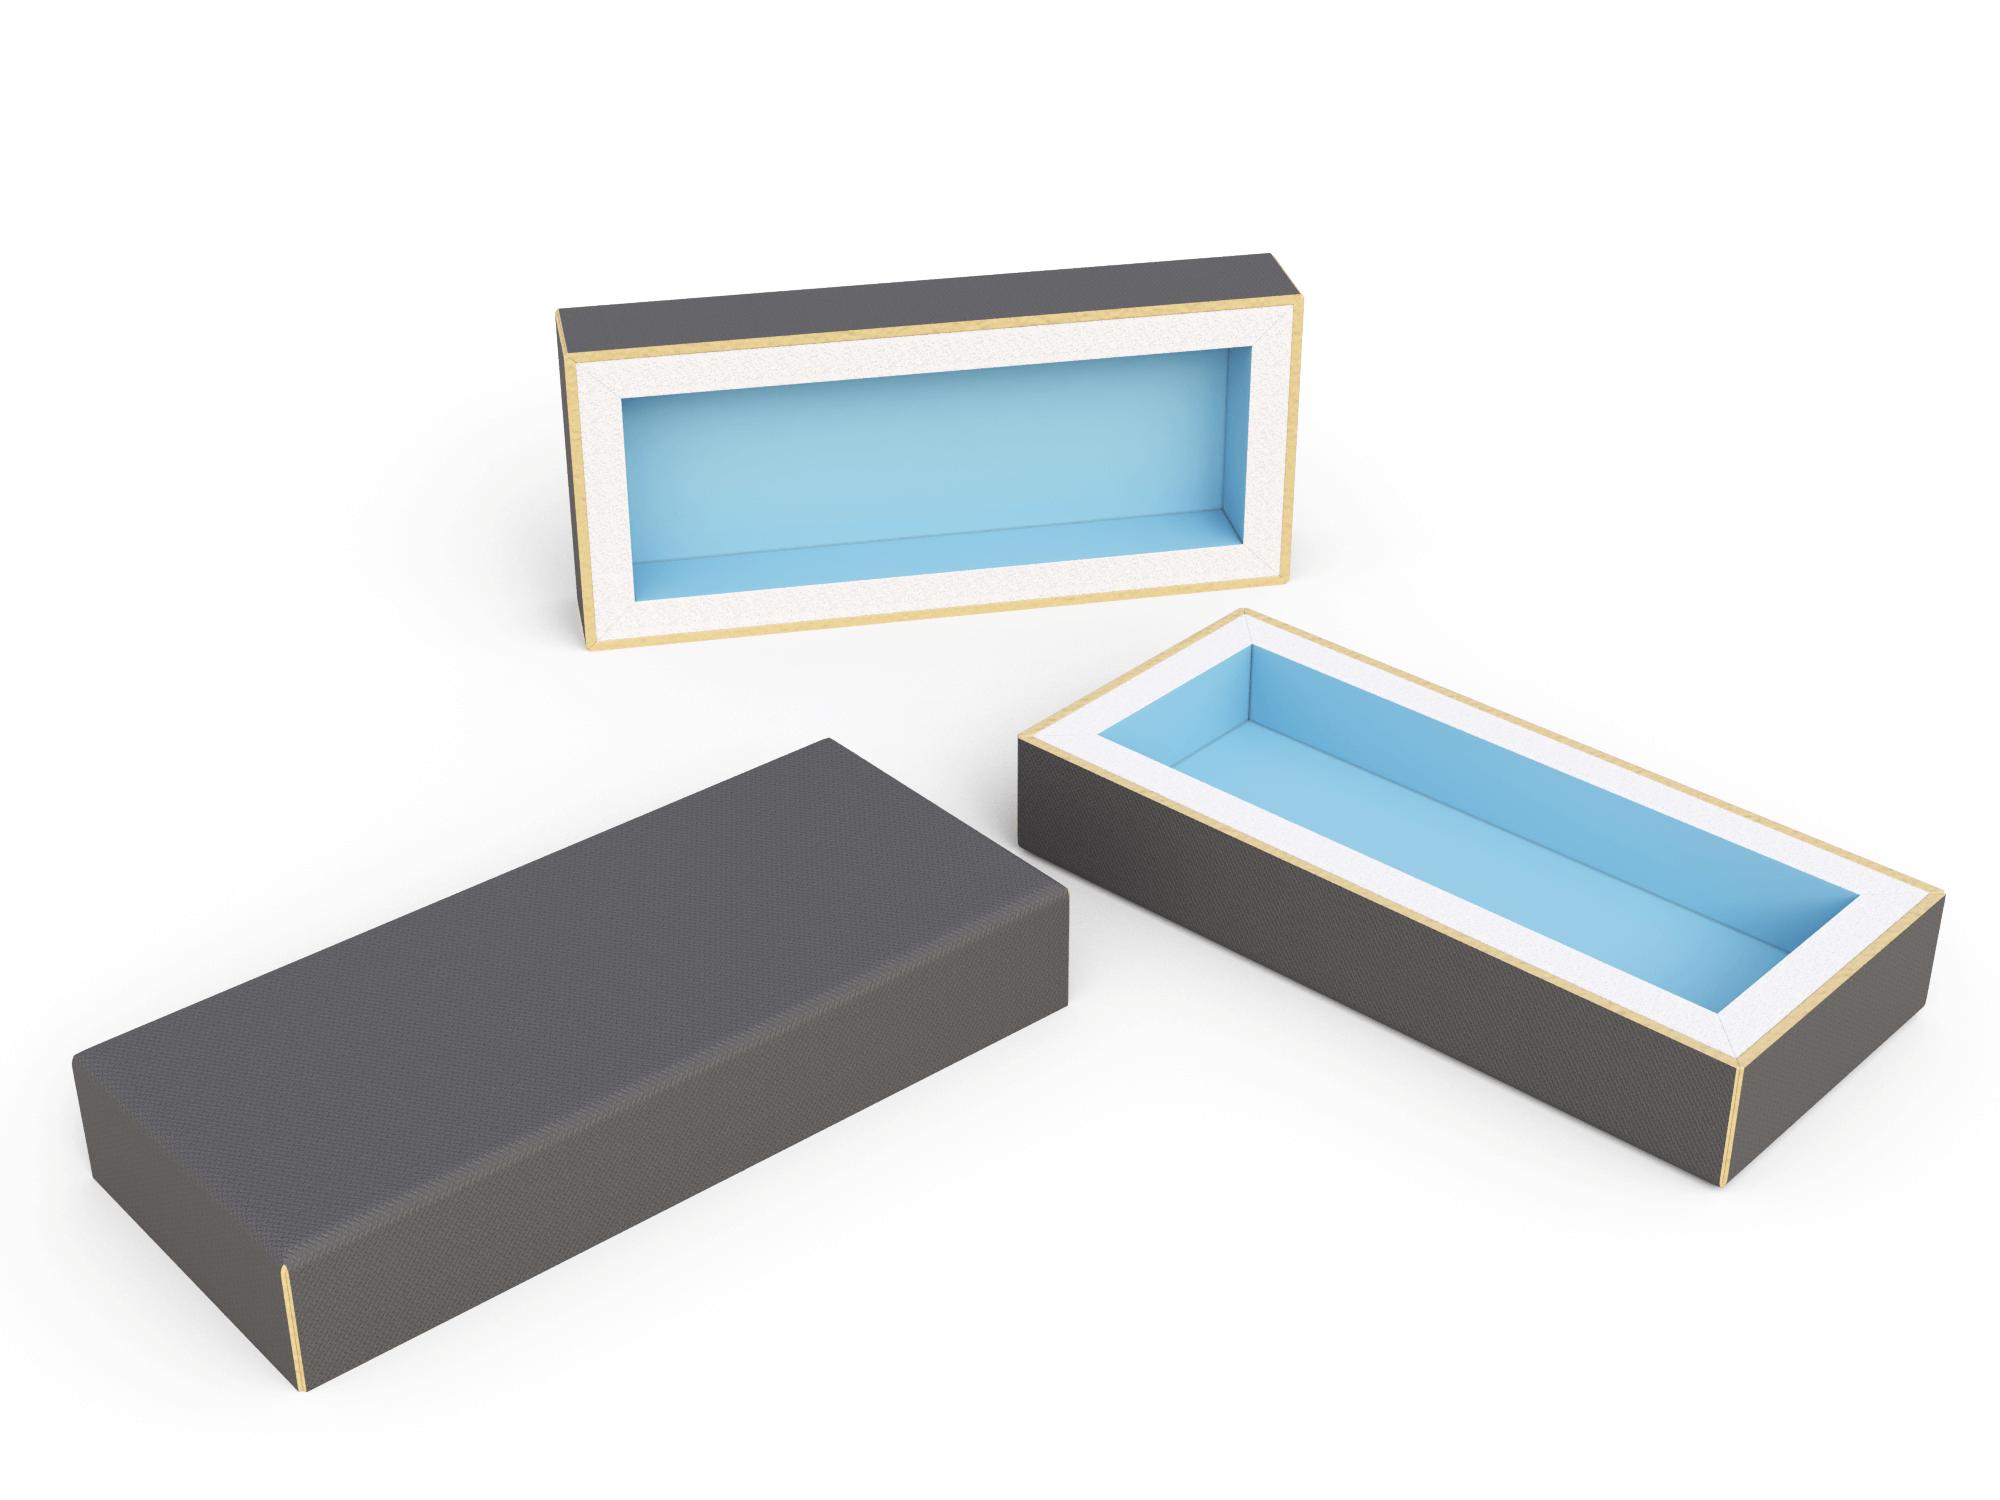 Купить подрозетник Standartish BOX3 оптом в Санкт-Петербурге от производителя, производство